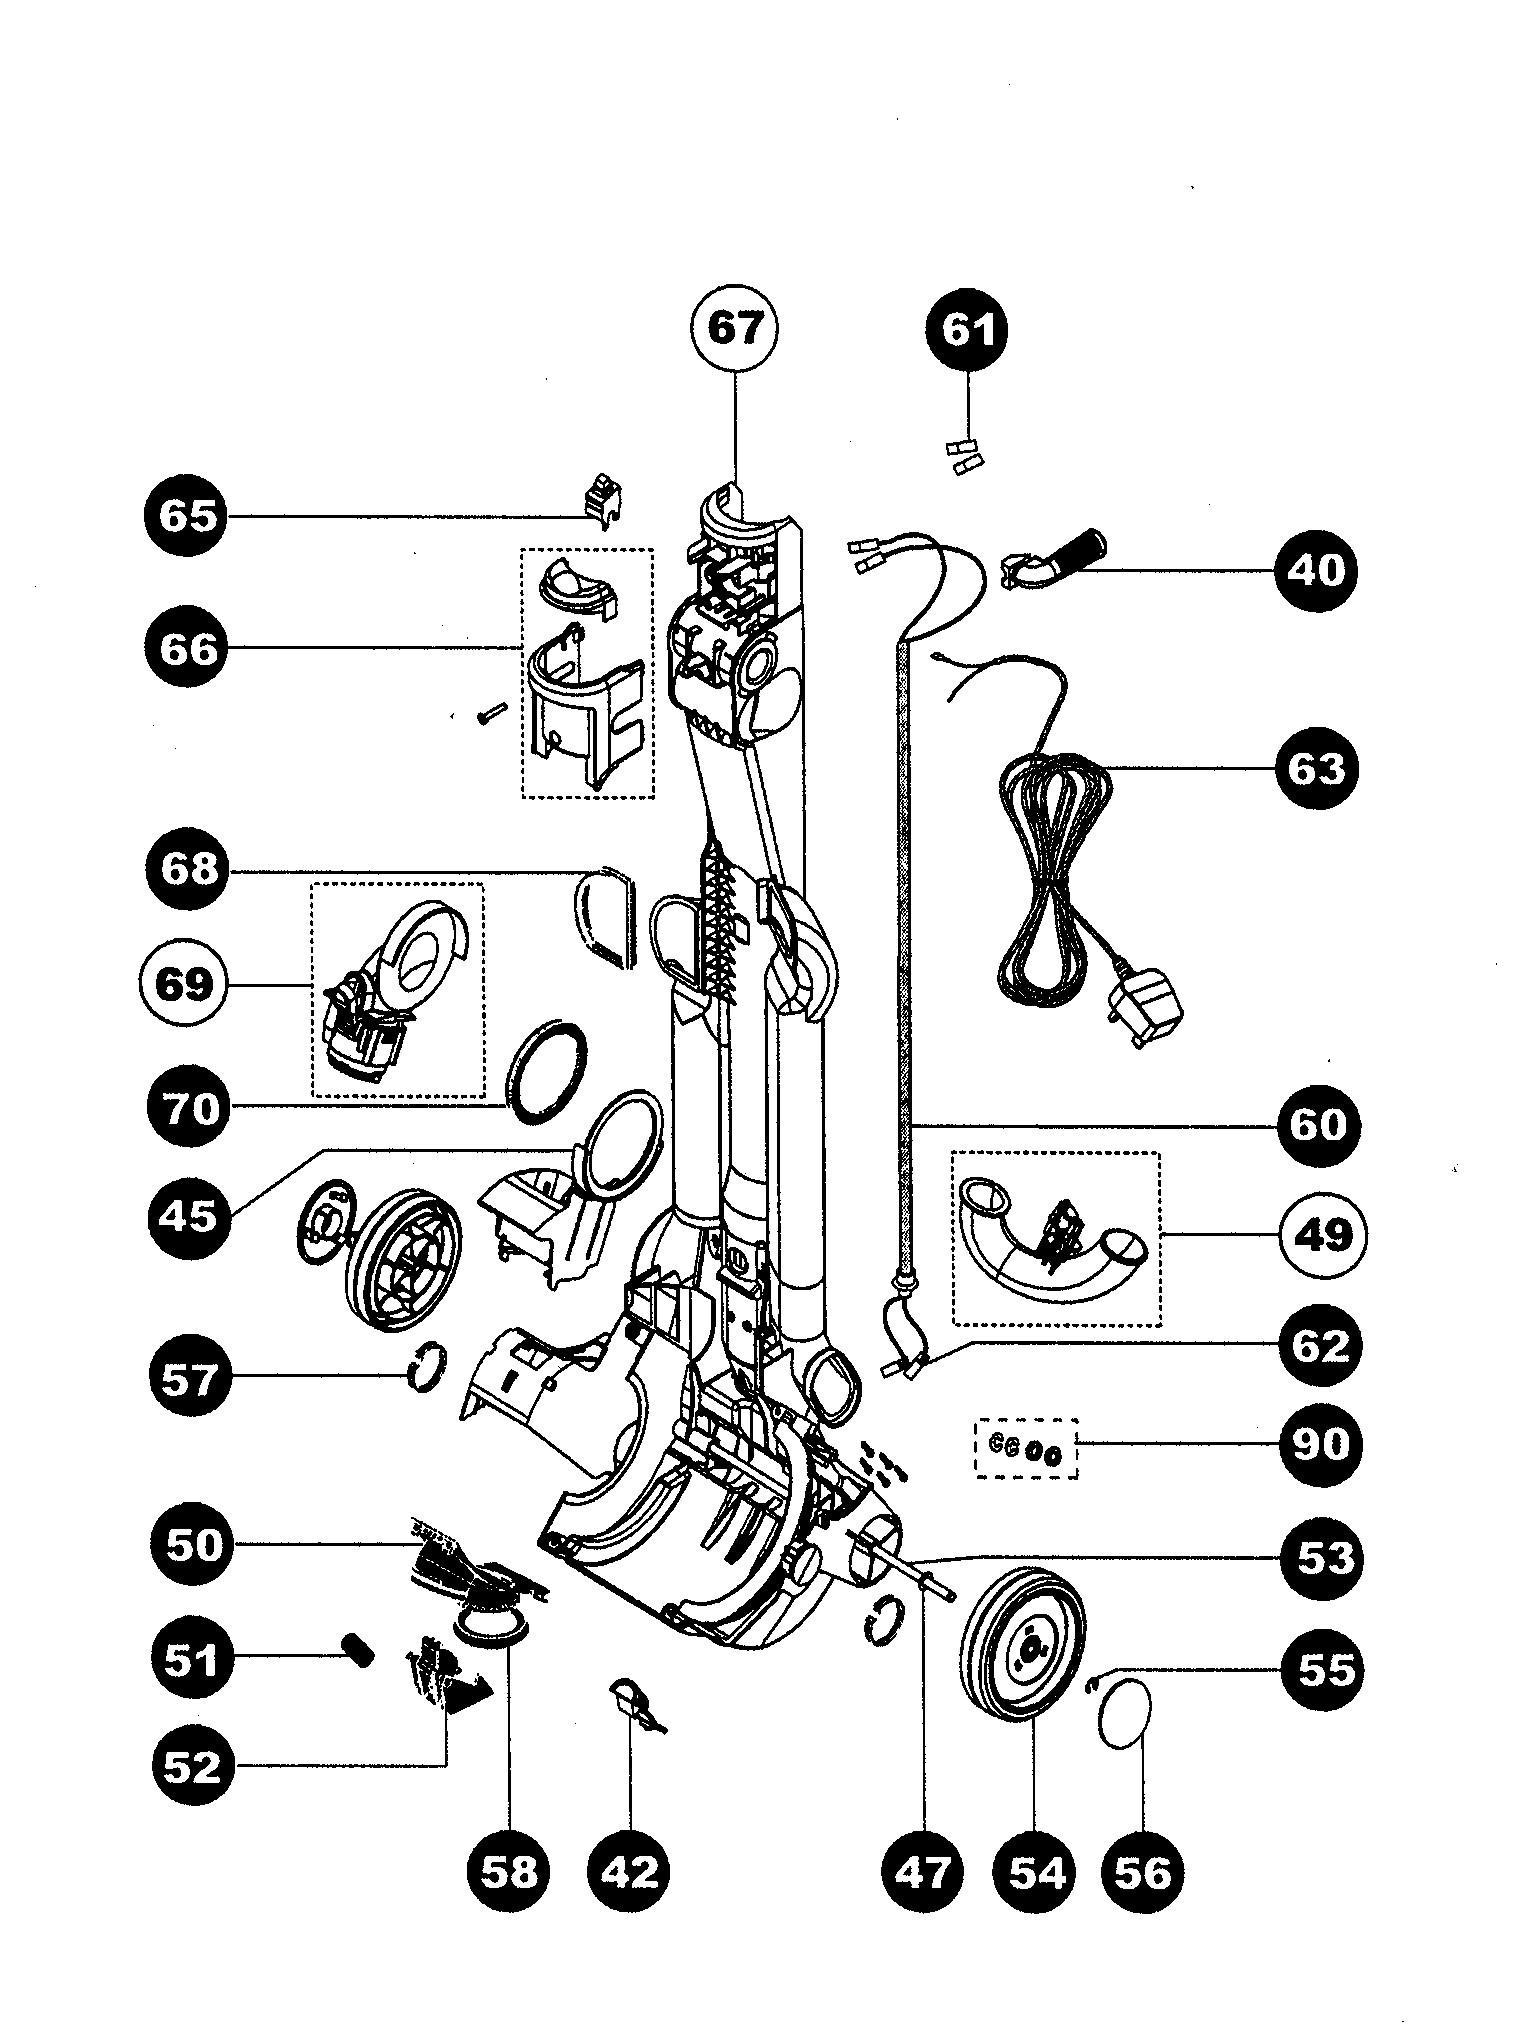 nissan wiring schematic nissan maxima wiring diagram